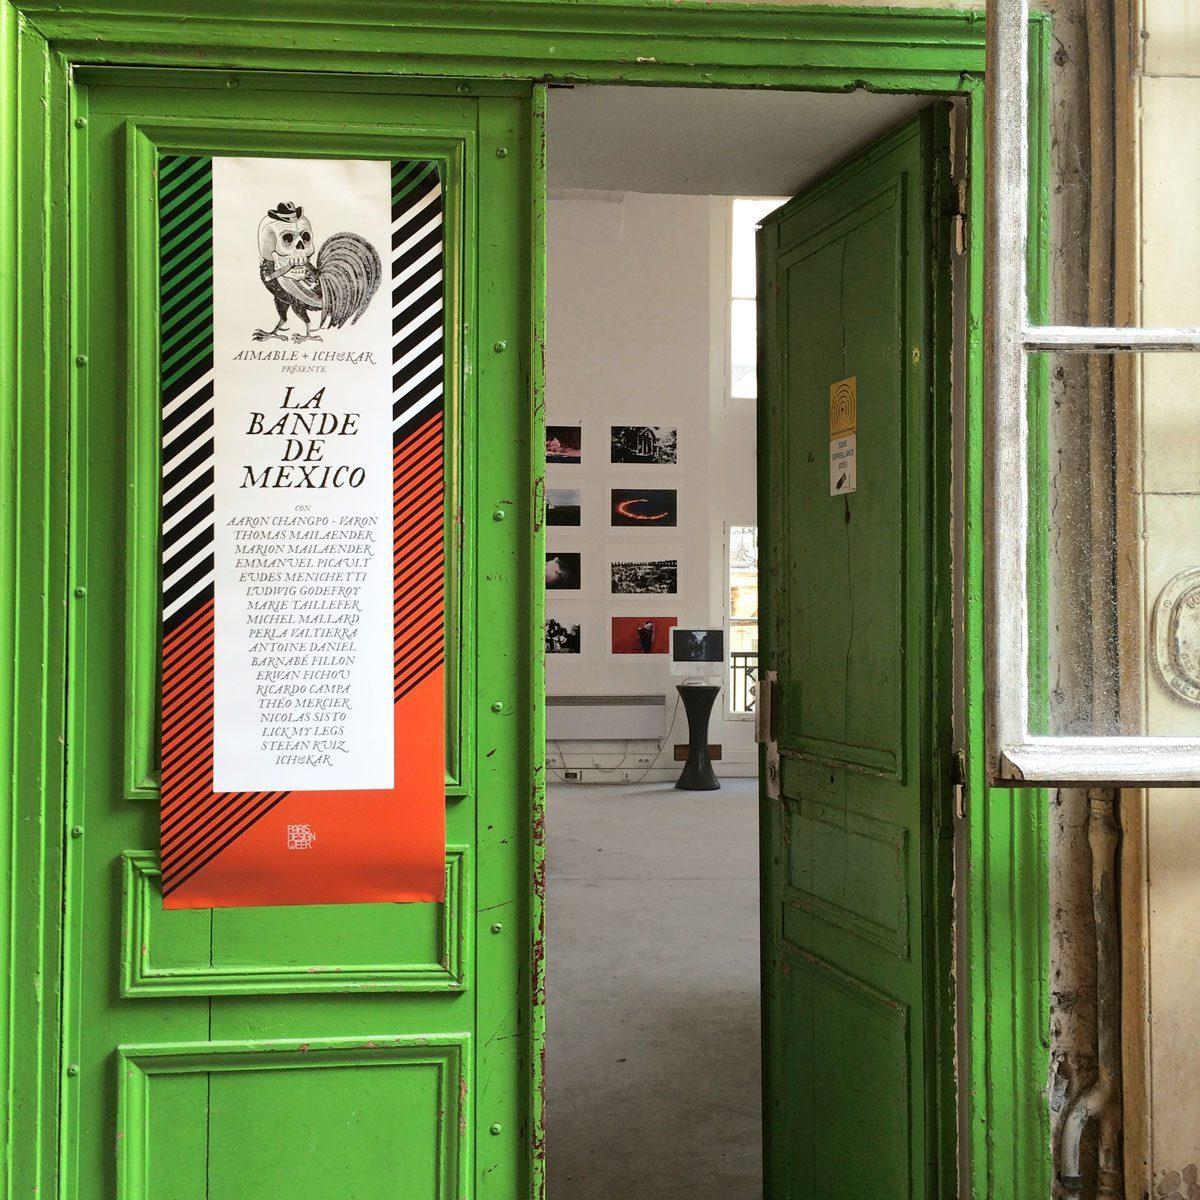 Exposition La Bande de Mexico, opening, durant la Paris Design Week, avec Ich&Kar, Emmanuel Picault, Baranbé Fillon et autres Amigo, au restaurant le Derrière.